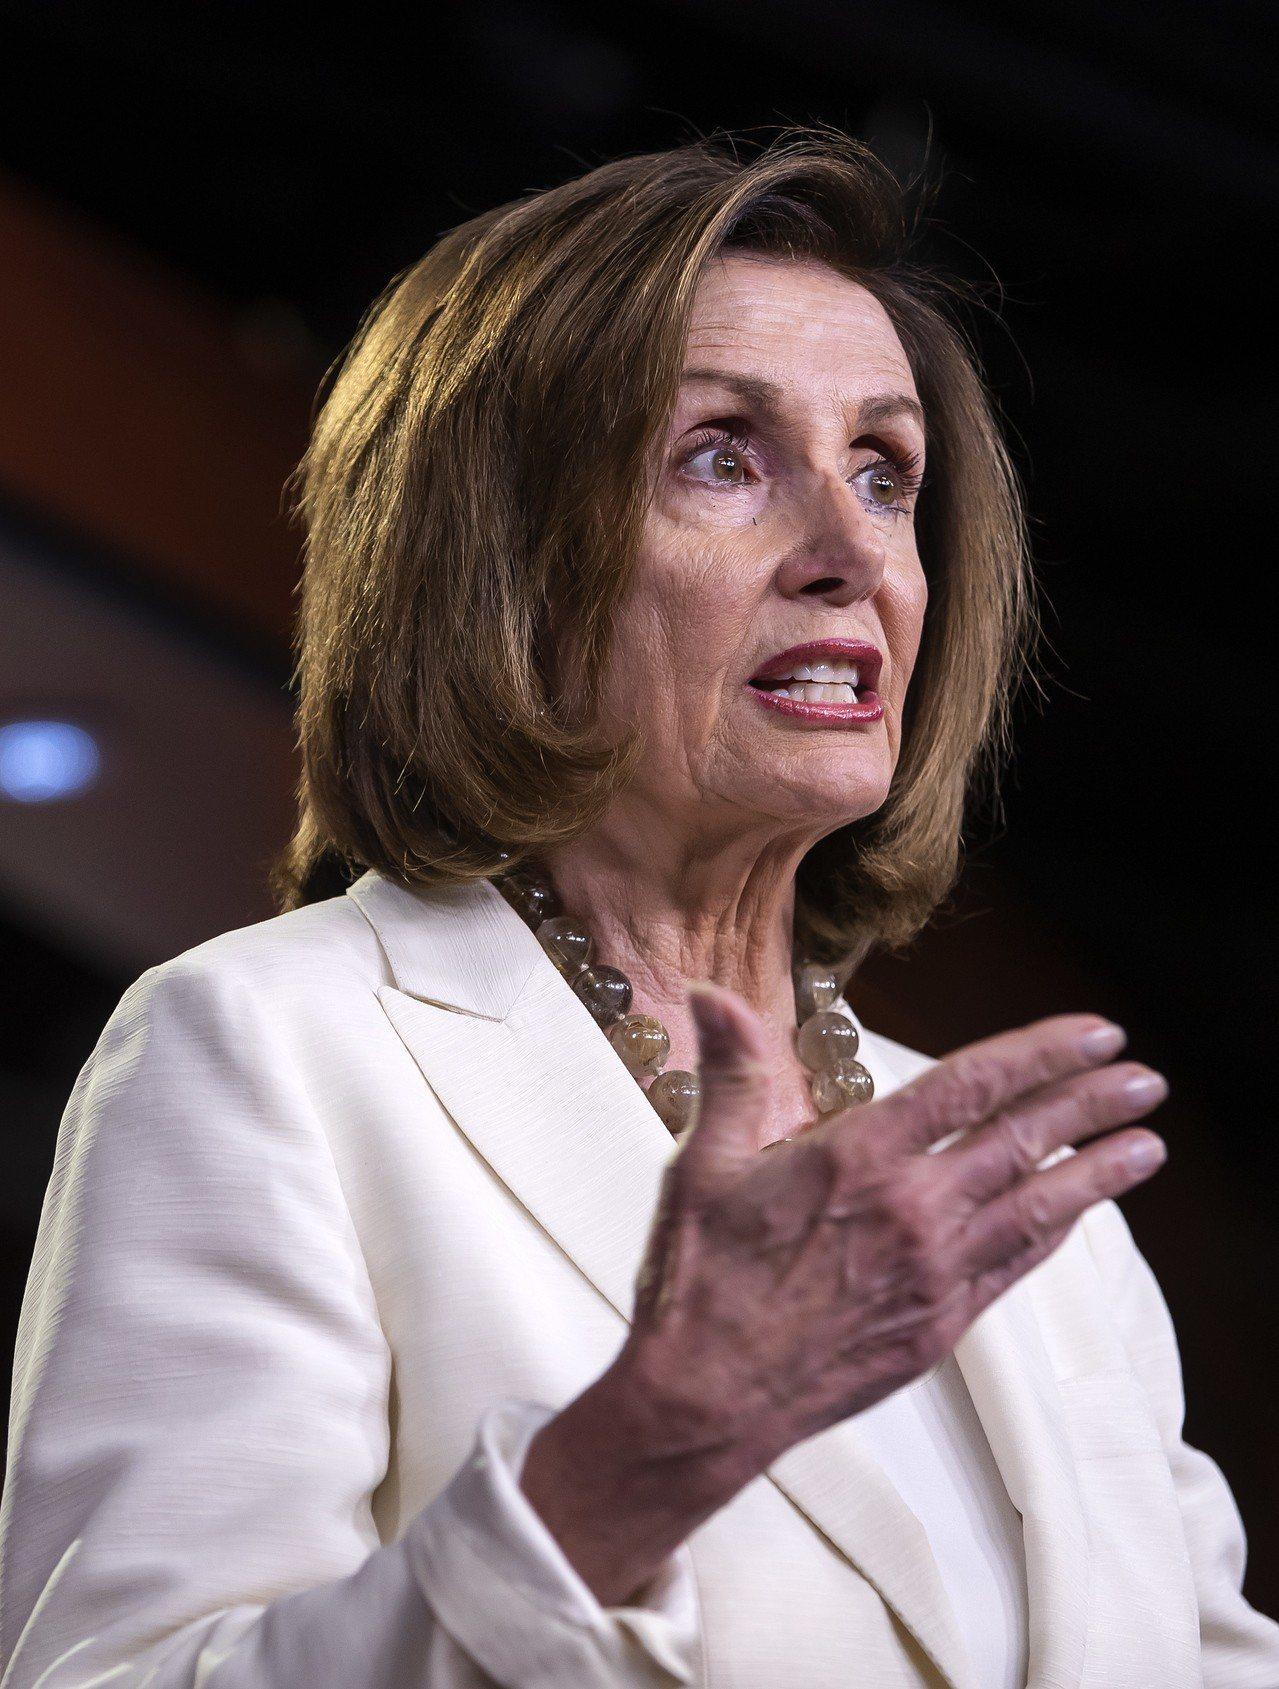 國會眾院議長裴洛西說,遣返令不是搜查令,無權強制進入屋內。她提出具體建議,教無證...